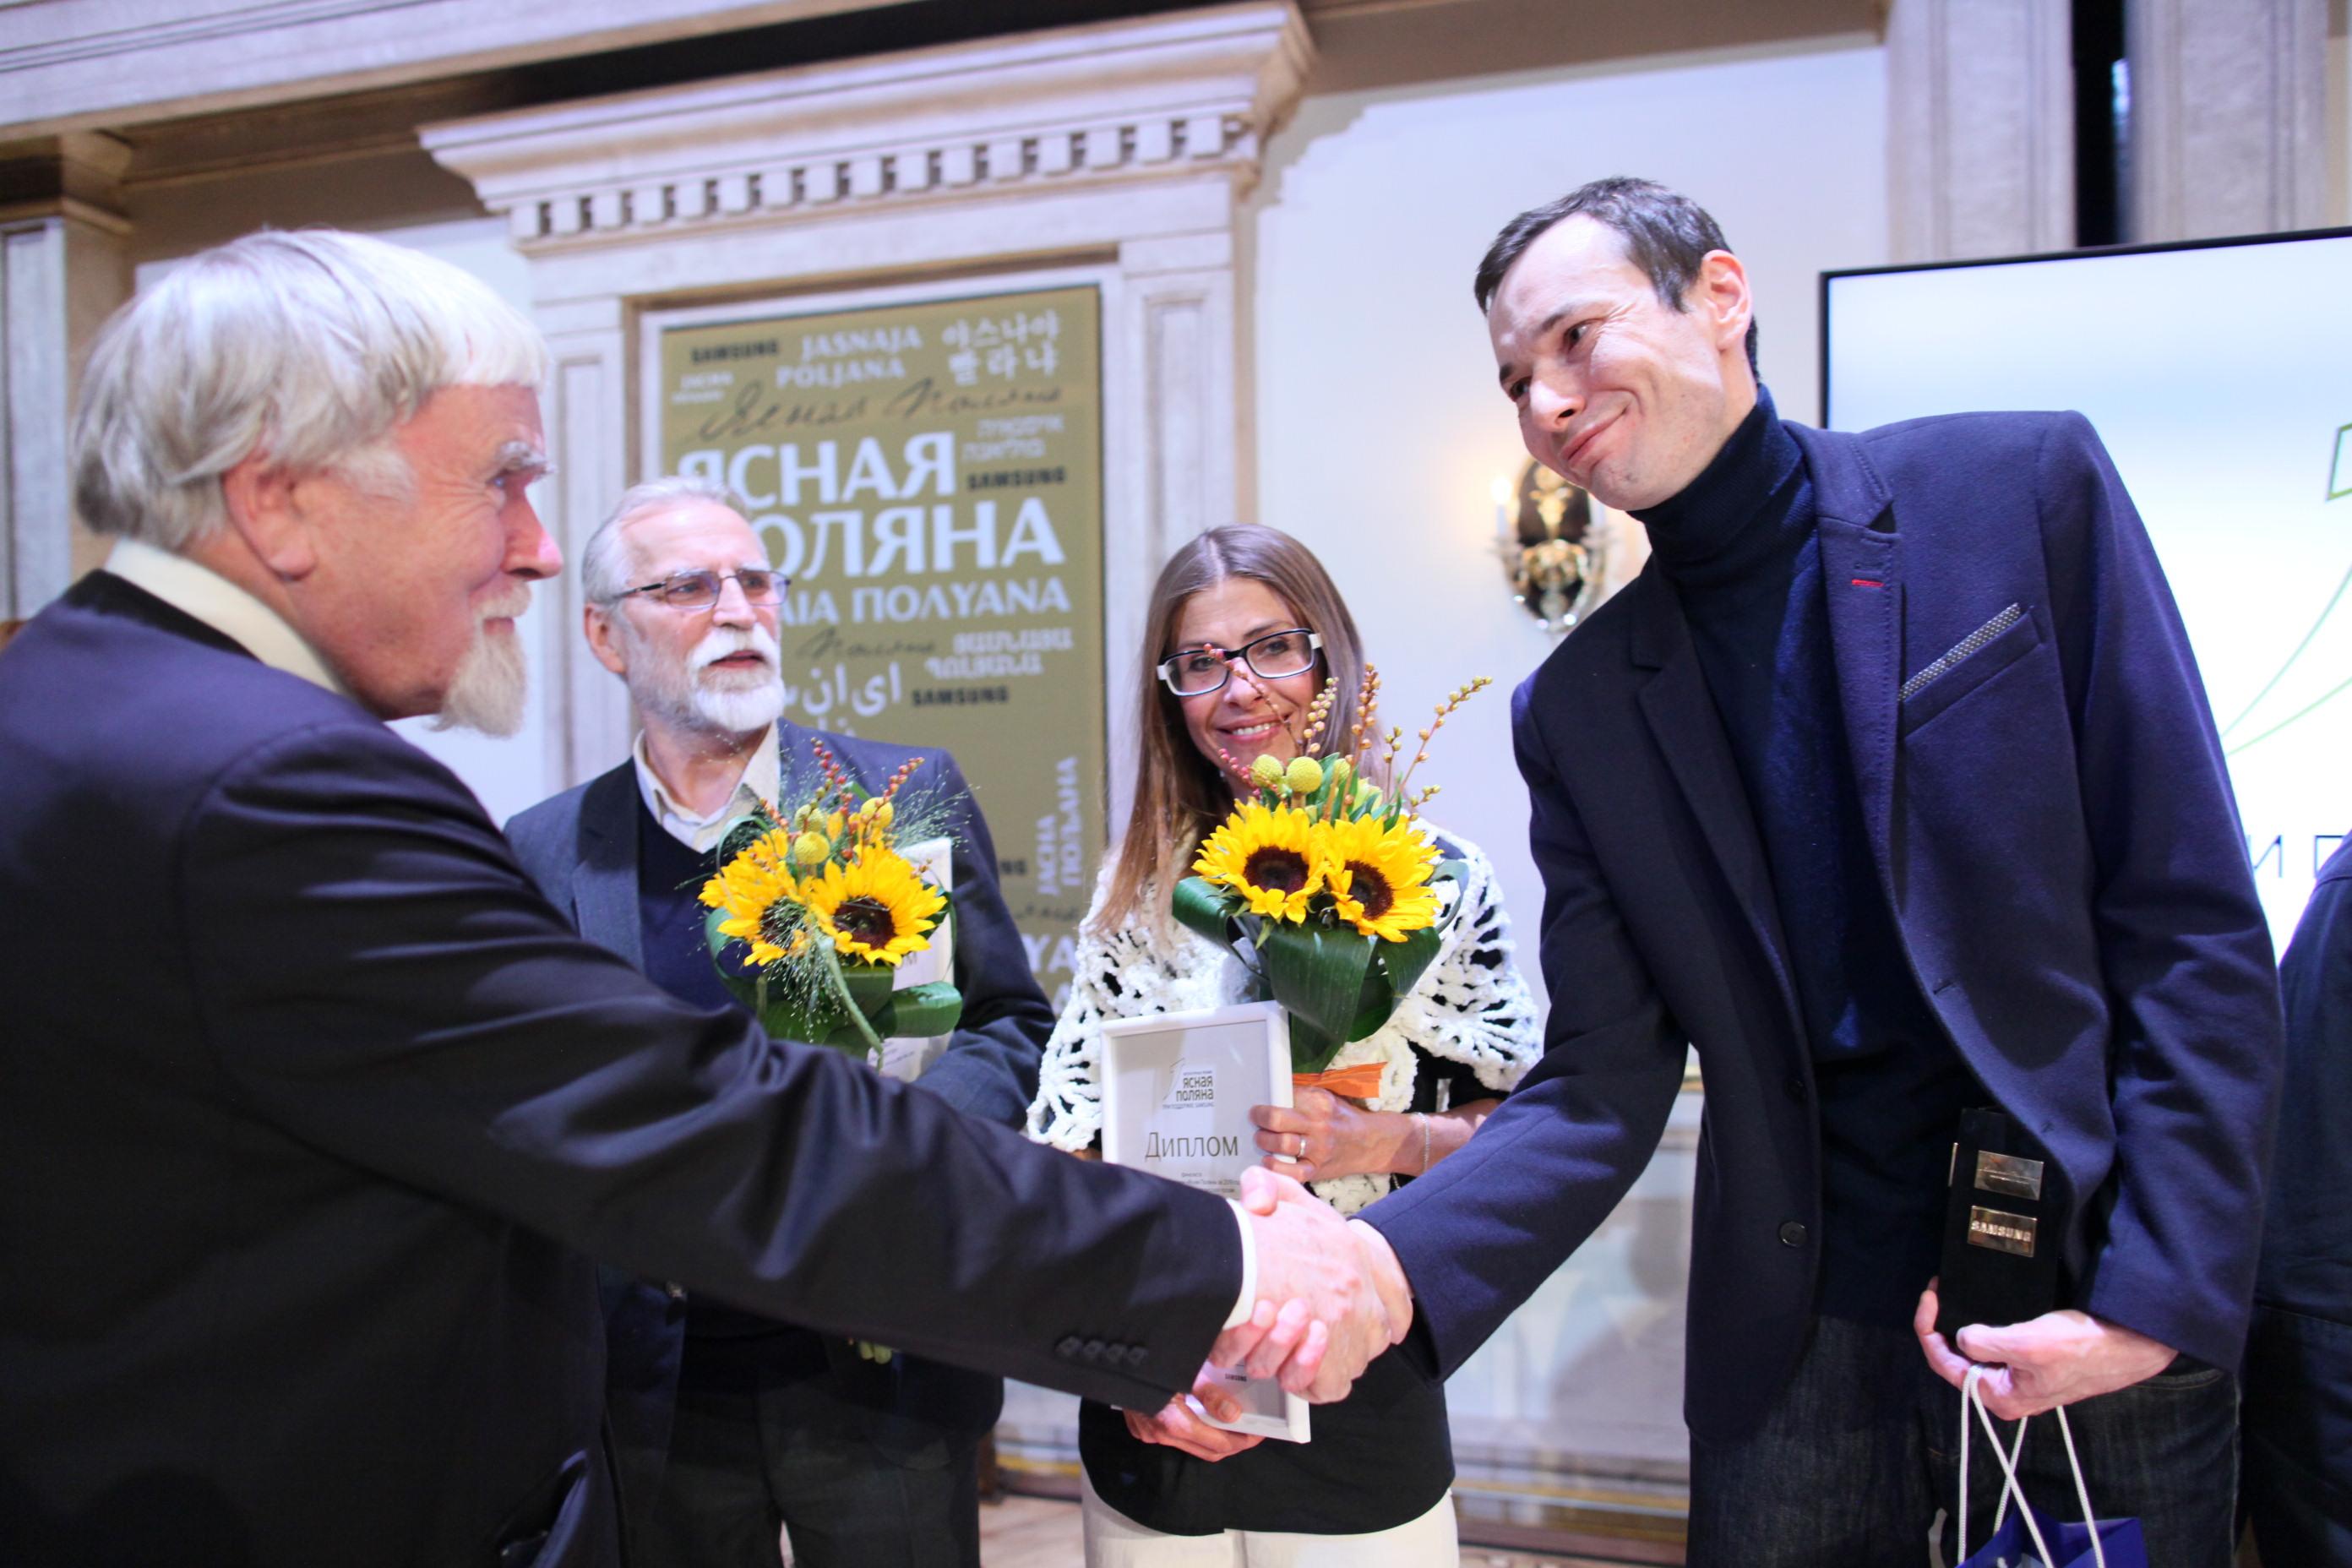 Музей-усадьба Л.Н. Толстого и Samsung Electronics объявили лауреатов премии «Ясная Поляна» 2019 года